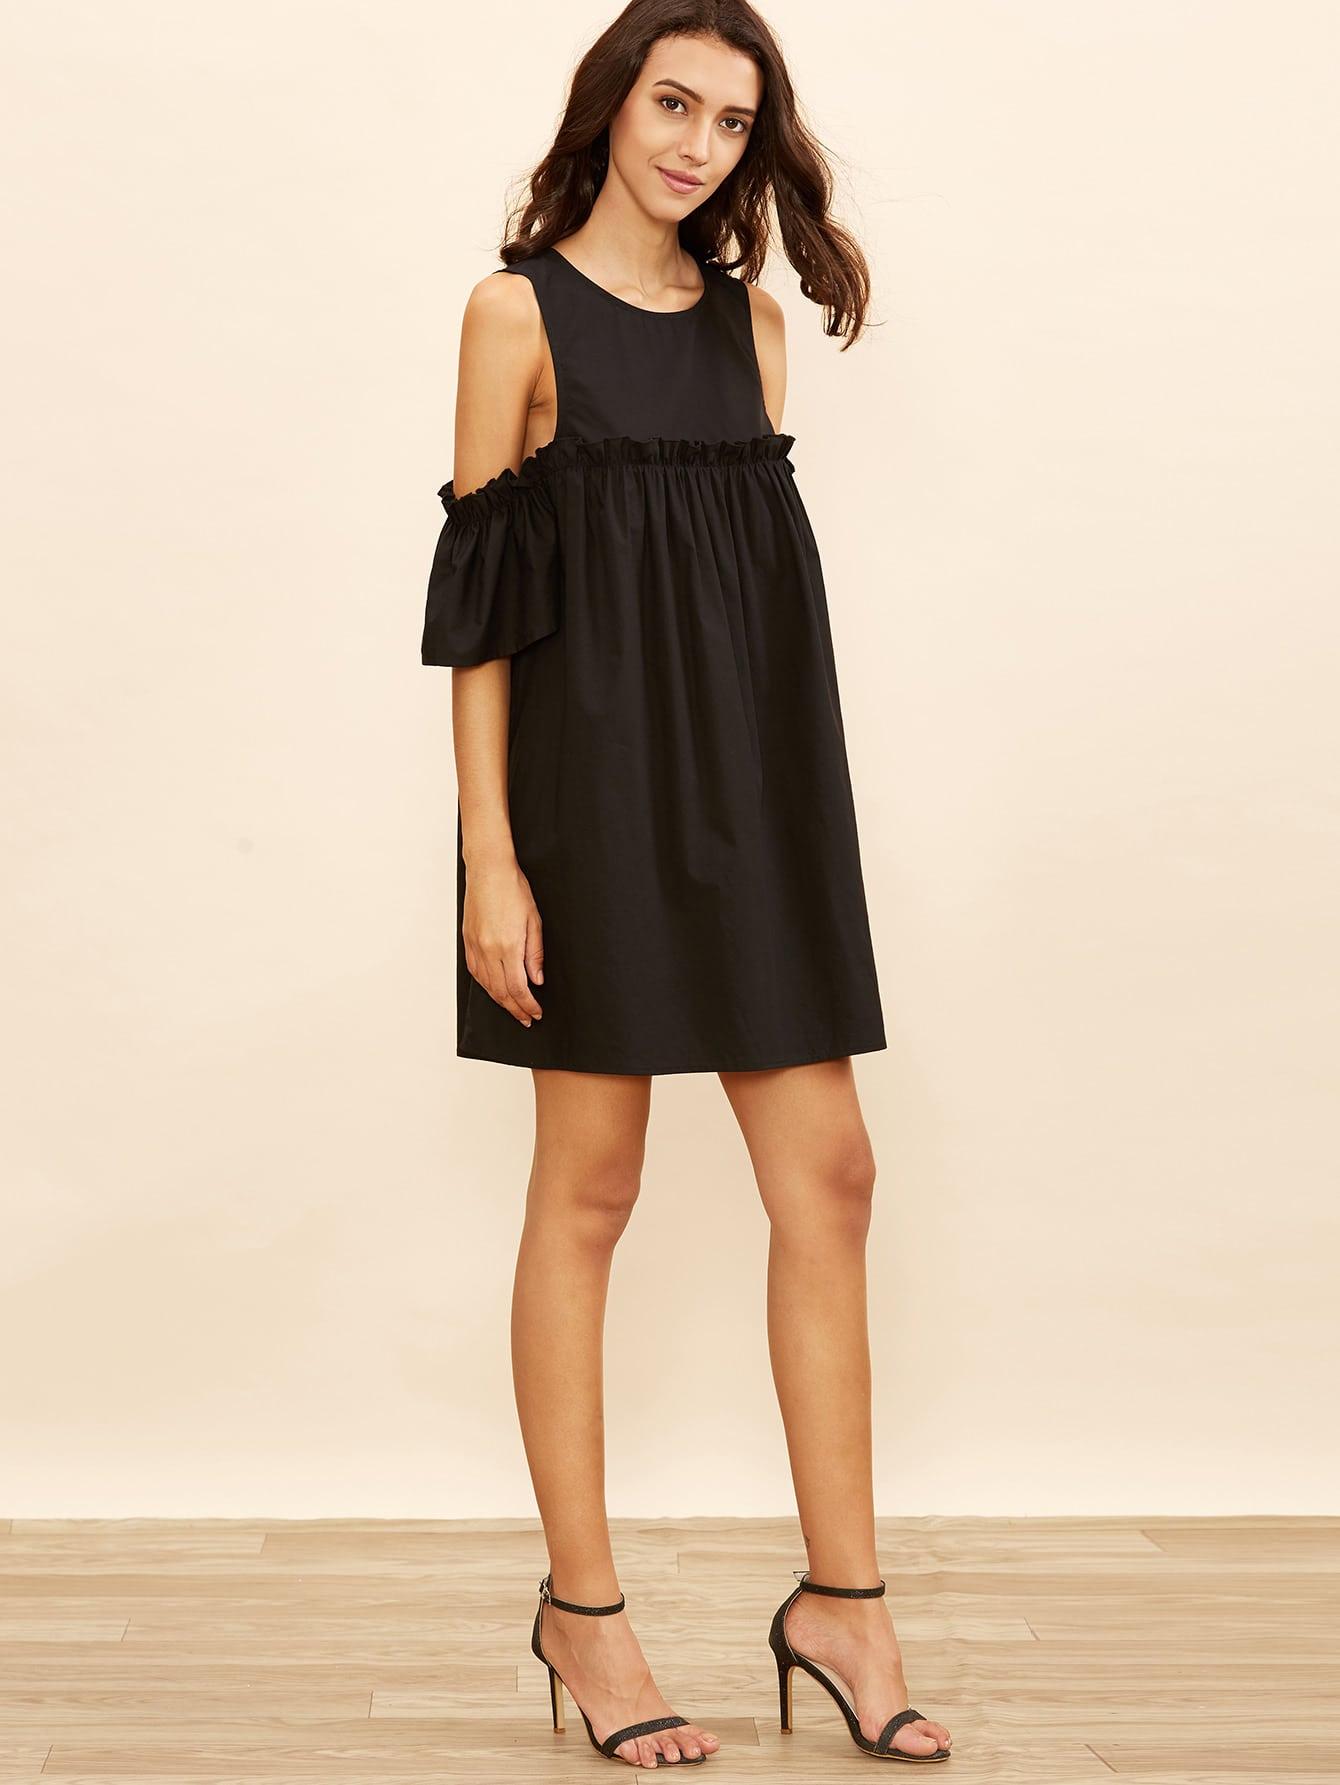 dress160901701_2